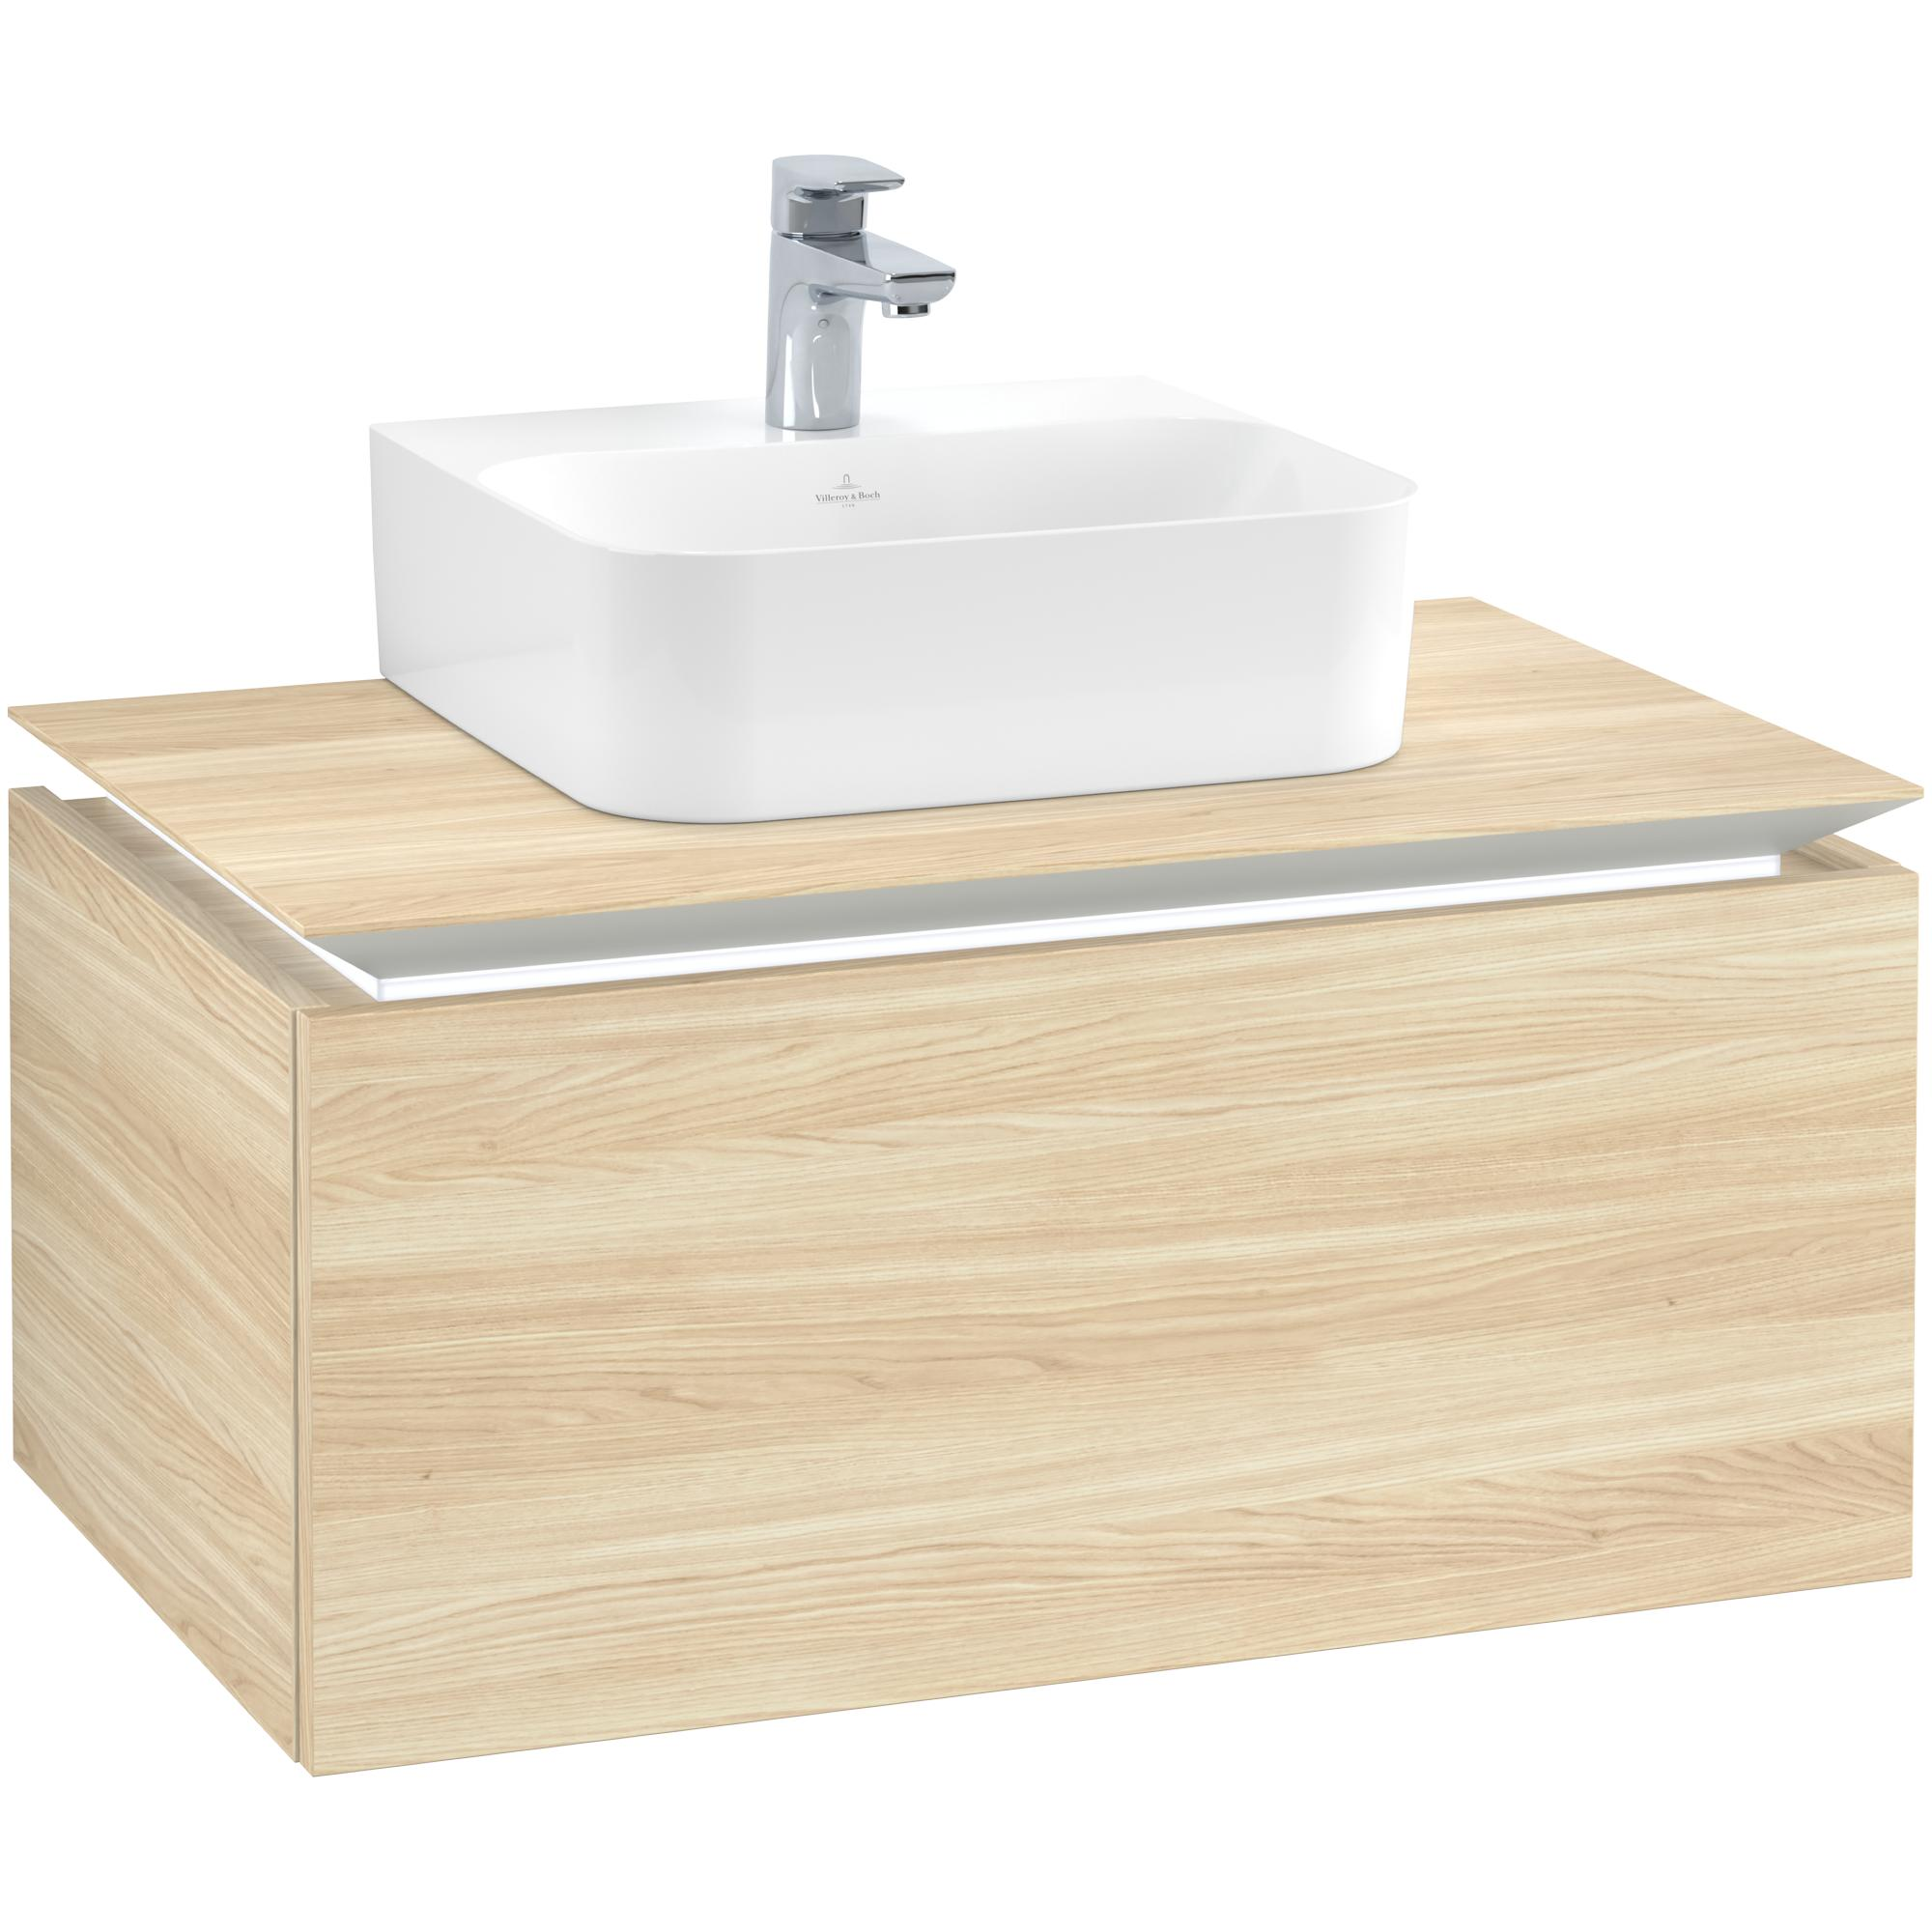 Tvättställsskåp Villeroy & Boch Legato Kompakt 800 med 1 Låda för Tvättställ från Finion